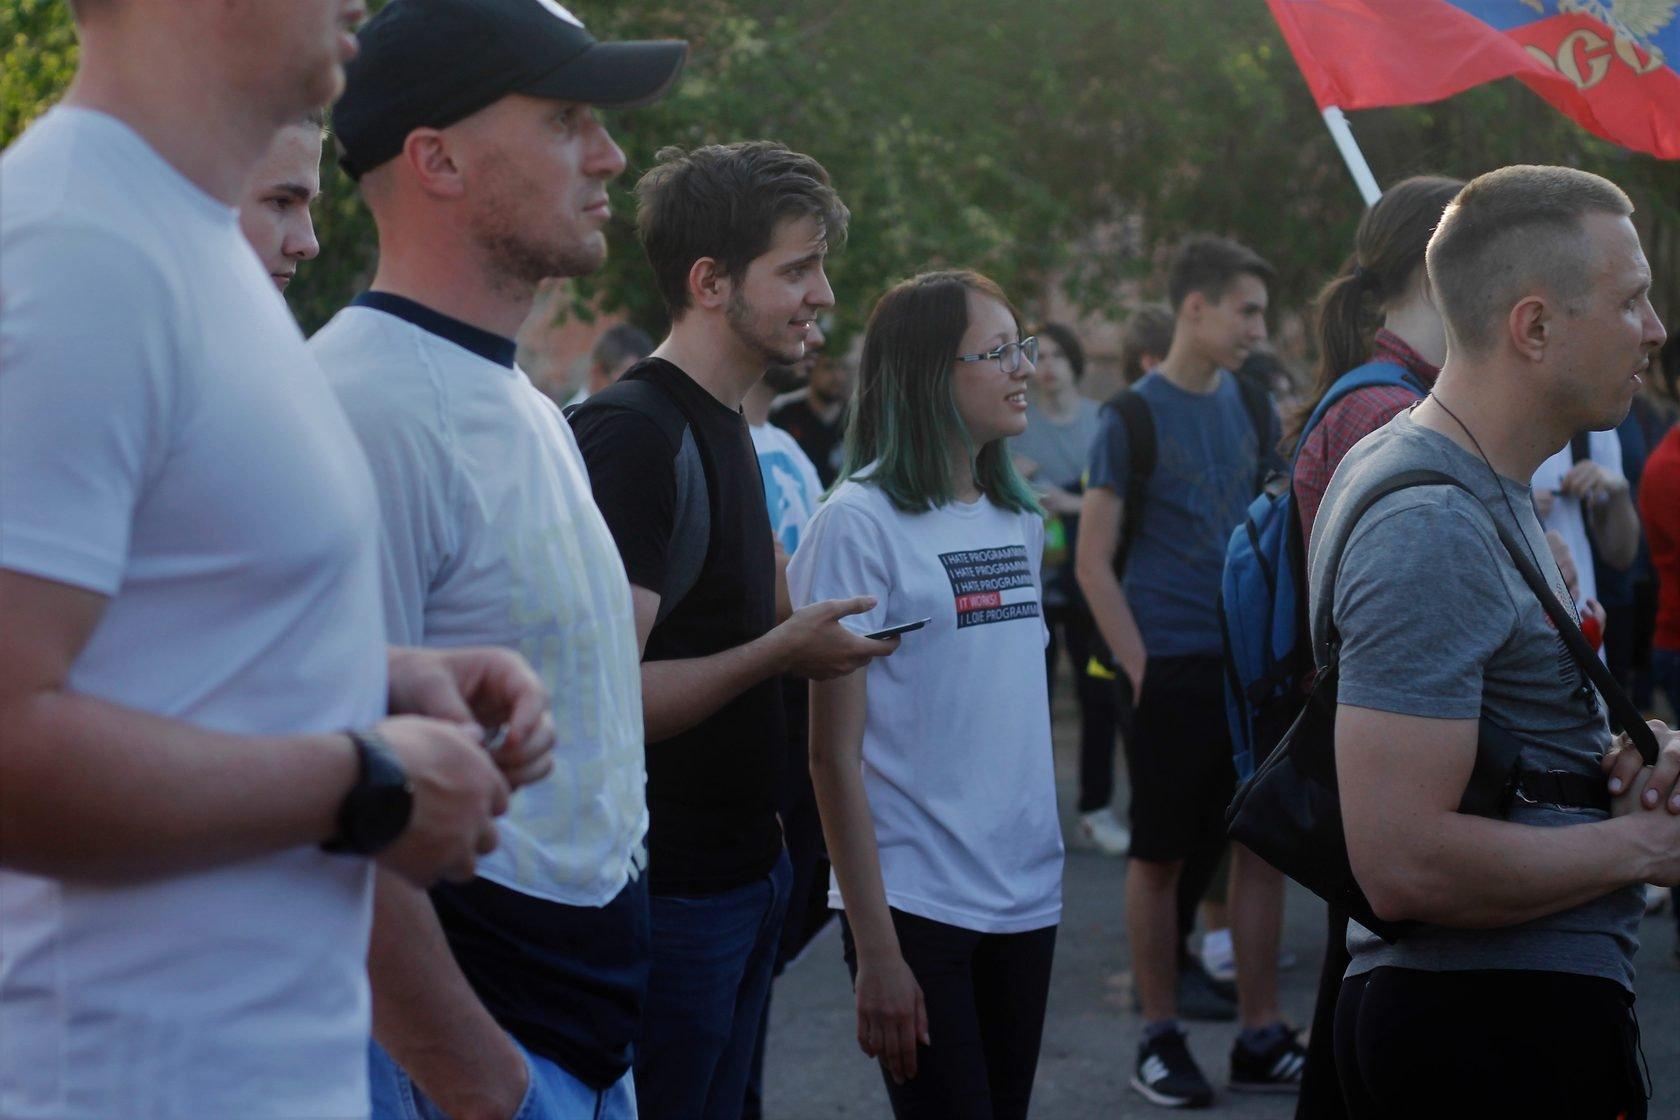 Участники протестной акции пожаловались наблокировку собственных телефонных номеров